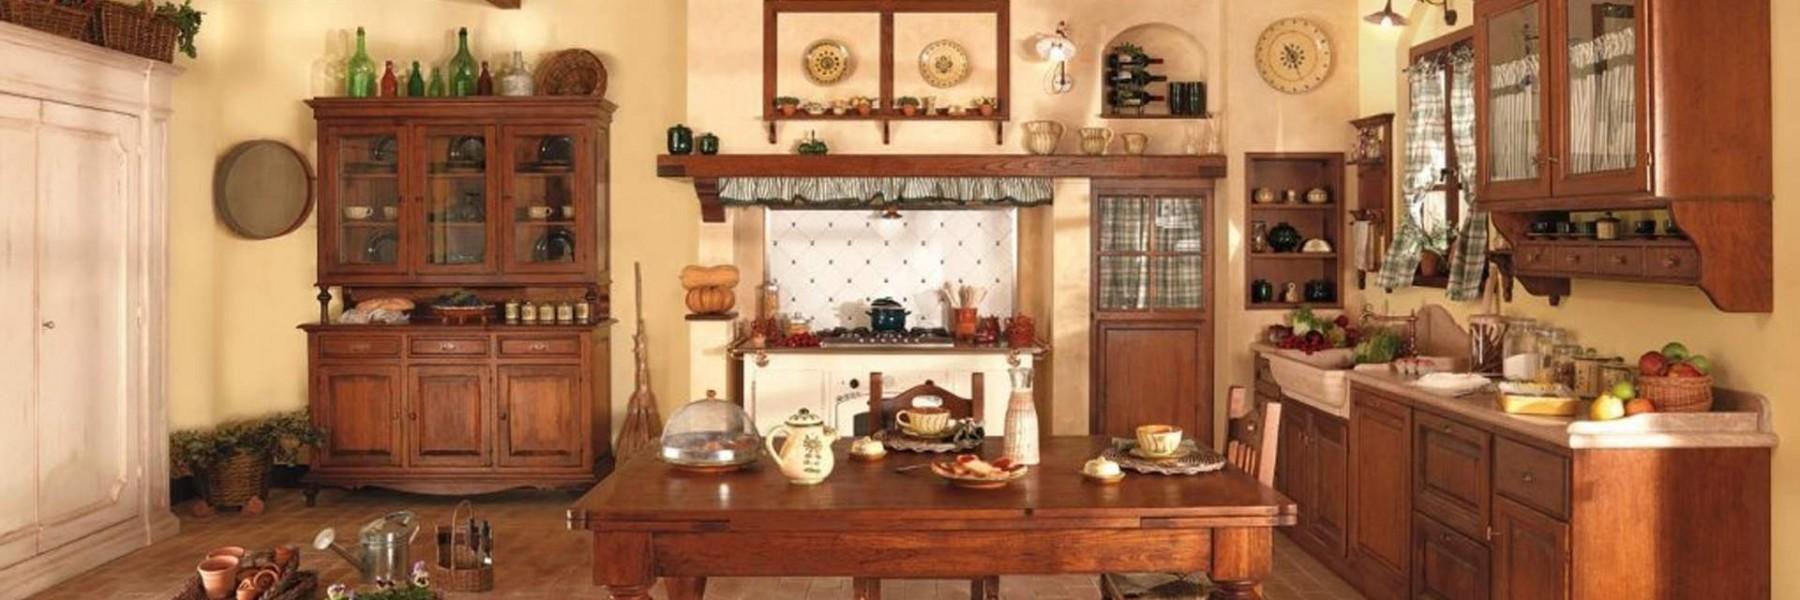 Cucine in muratura antichi sapori | www.olimparredamenti.it